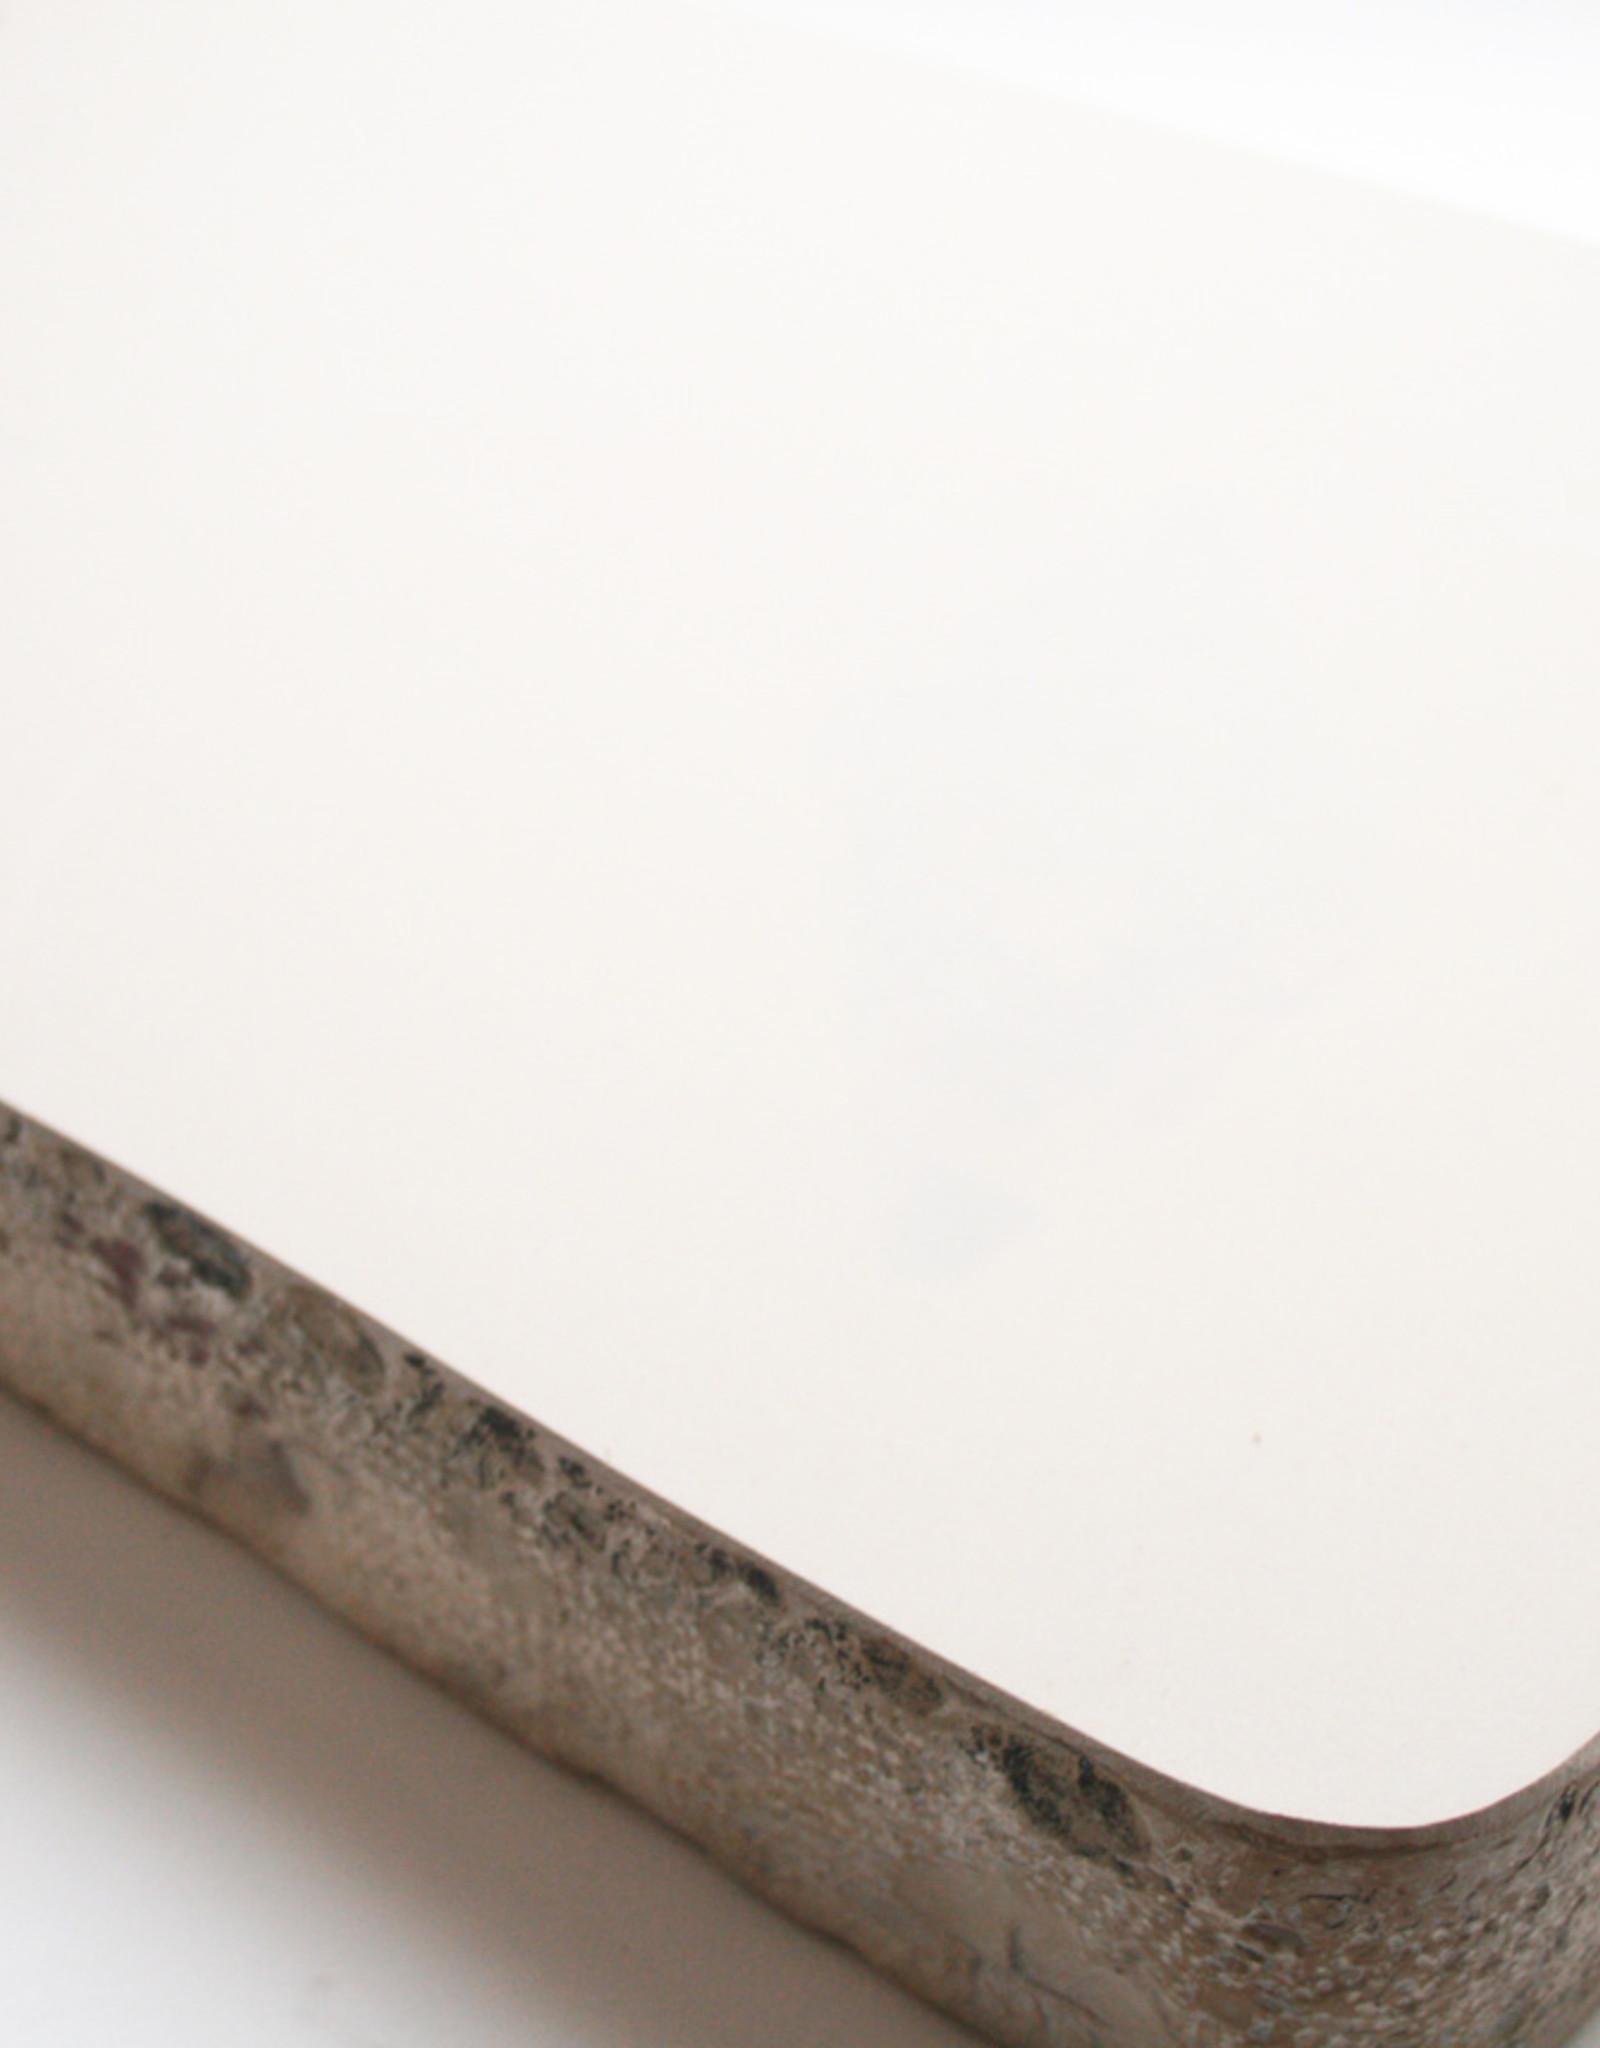 Grijze Lithostenen groter dan 54x70cm ±7cm dik prijs op aanvraag, topkwaltiet. Deze grijze lithosteen is fijn van structuur relatief hard en levert zeer fijne tonaliteit. Een set lithestenen gaat een levenlang mee.